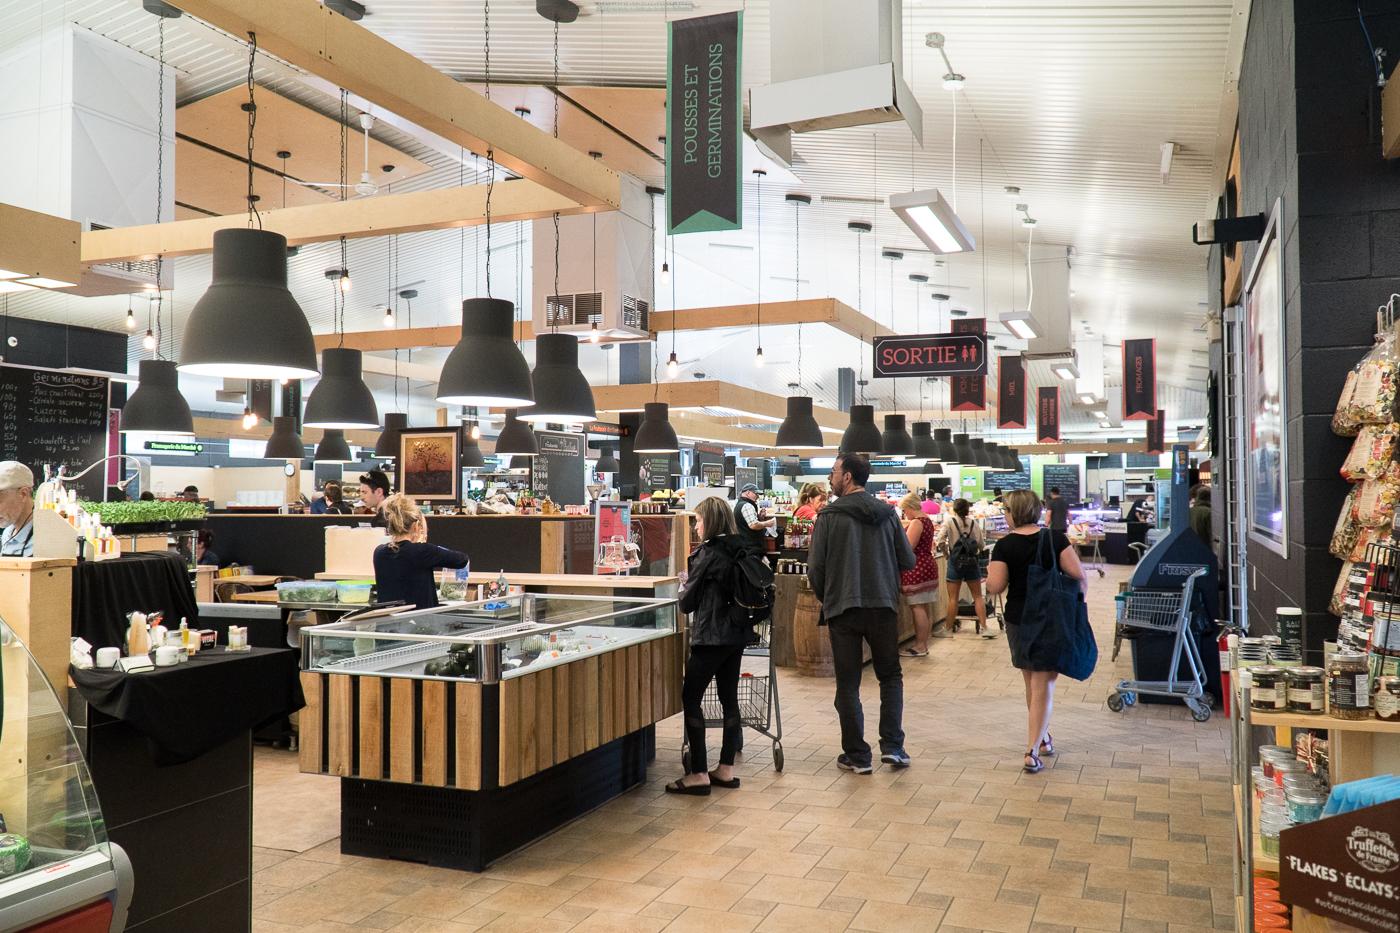 Intérieur du marché public - Quoi faire à Drummondville, Québec